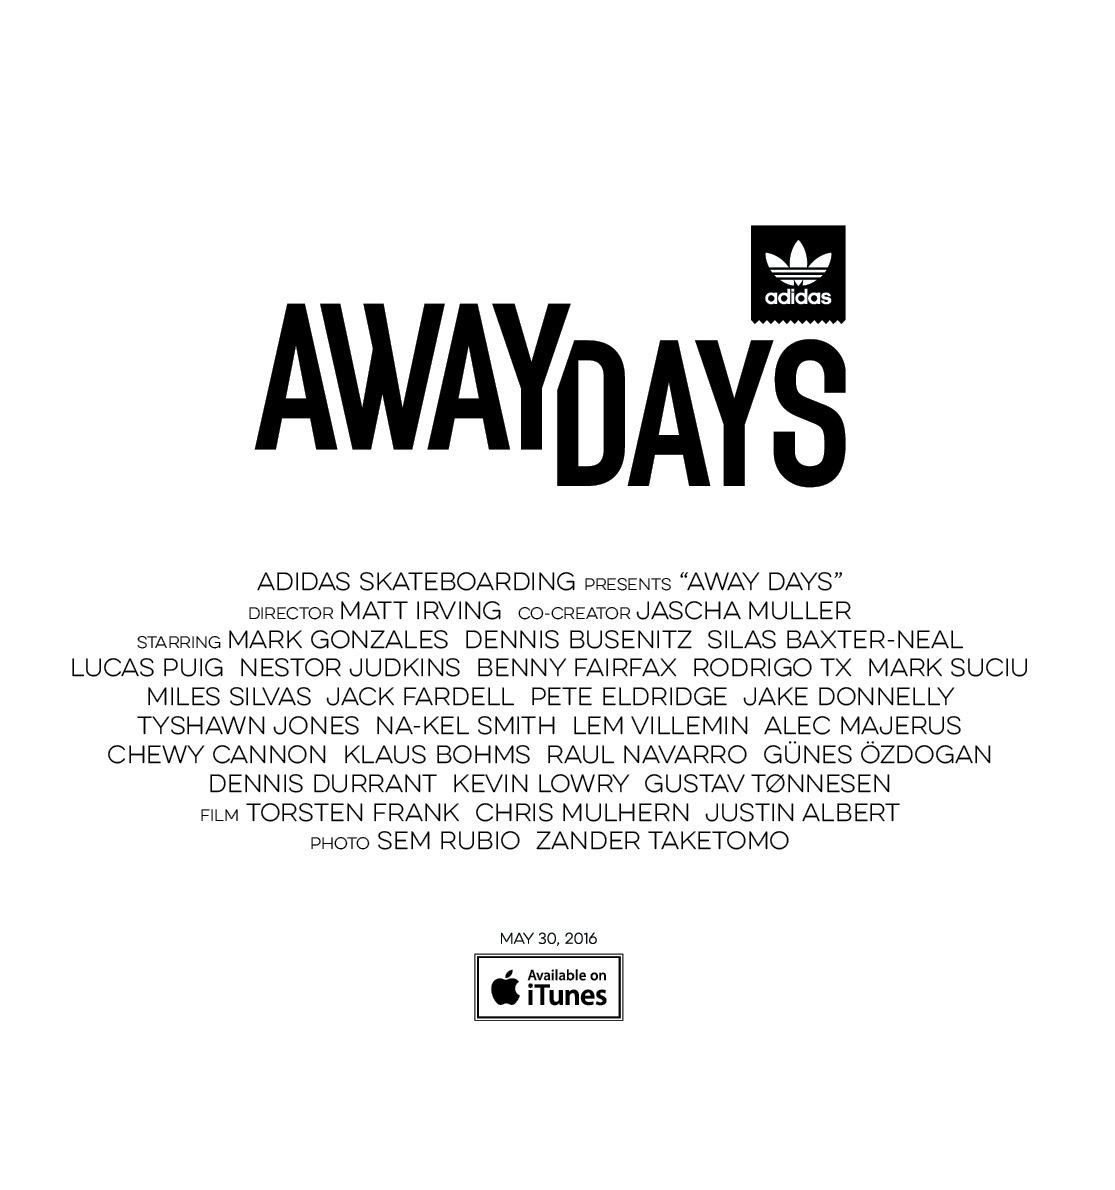 マーク・ゴンザレスもやってきた!<br />「Away Days World Premiere Tokyo」開催<br />